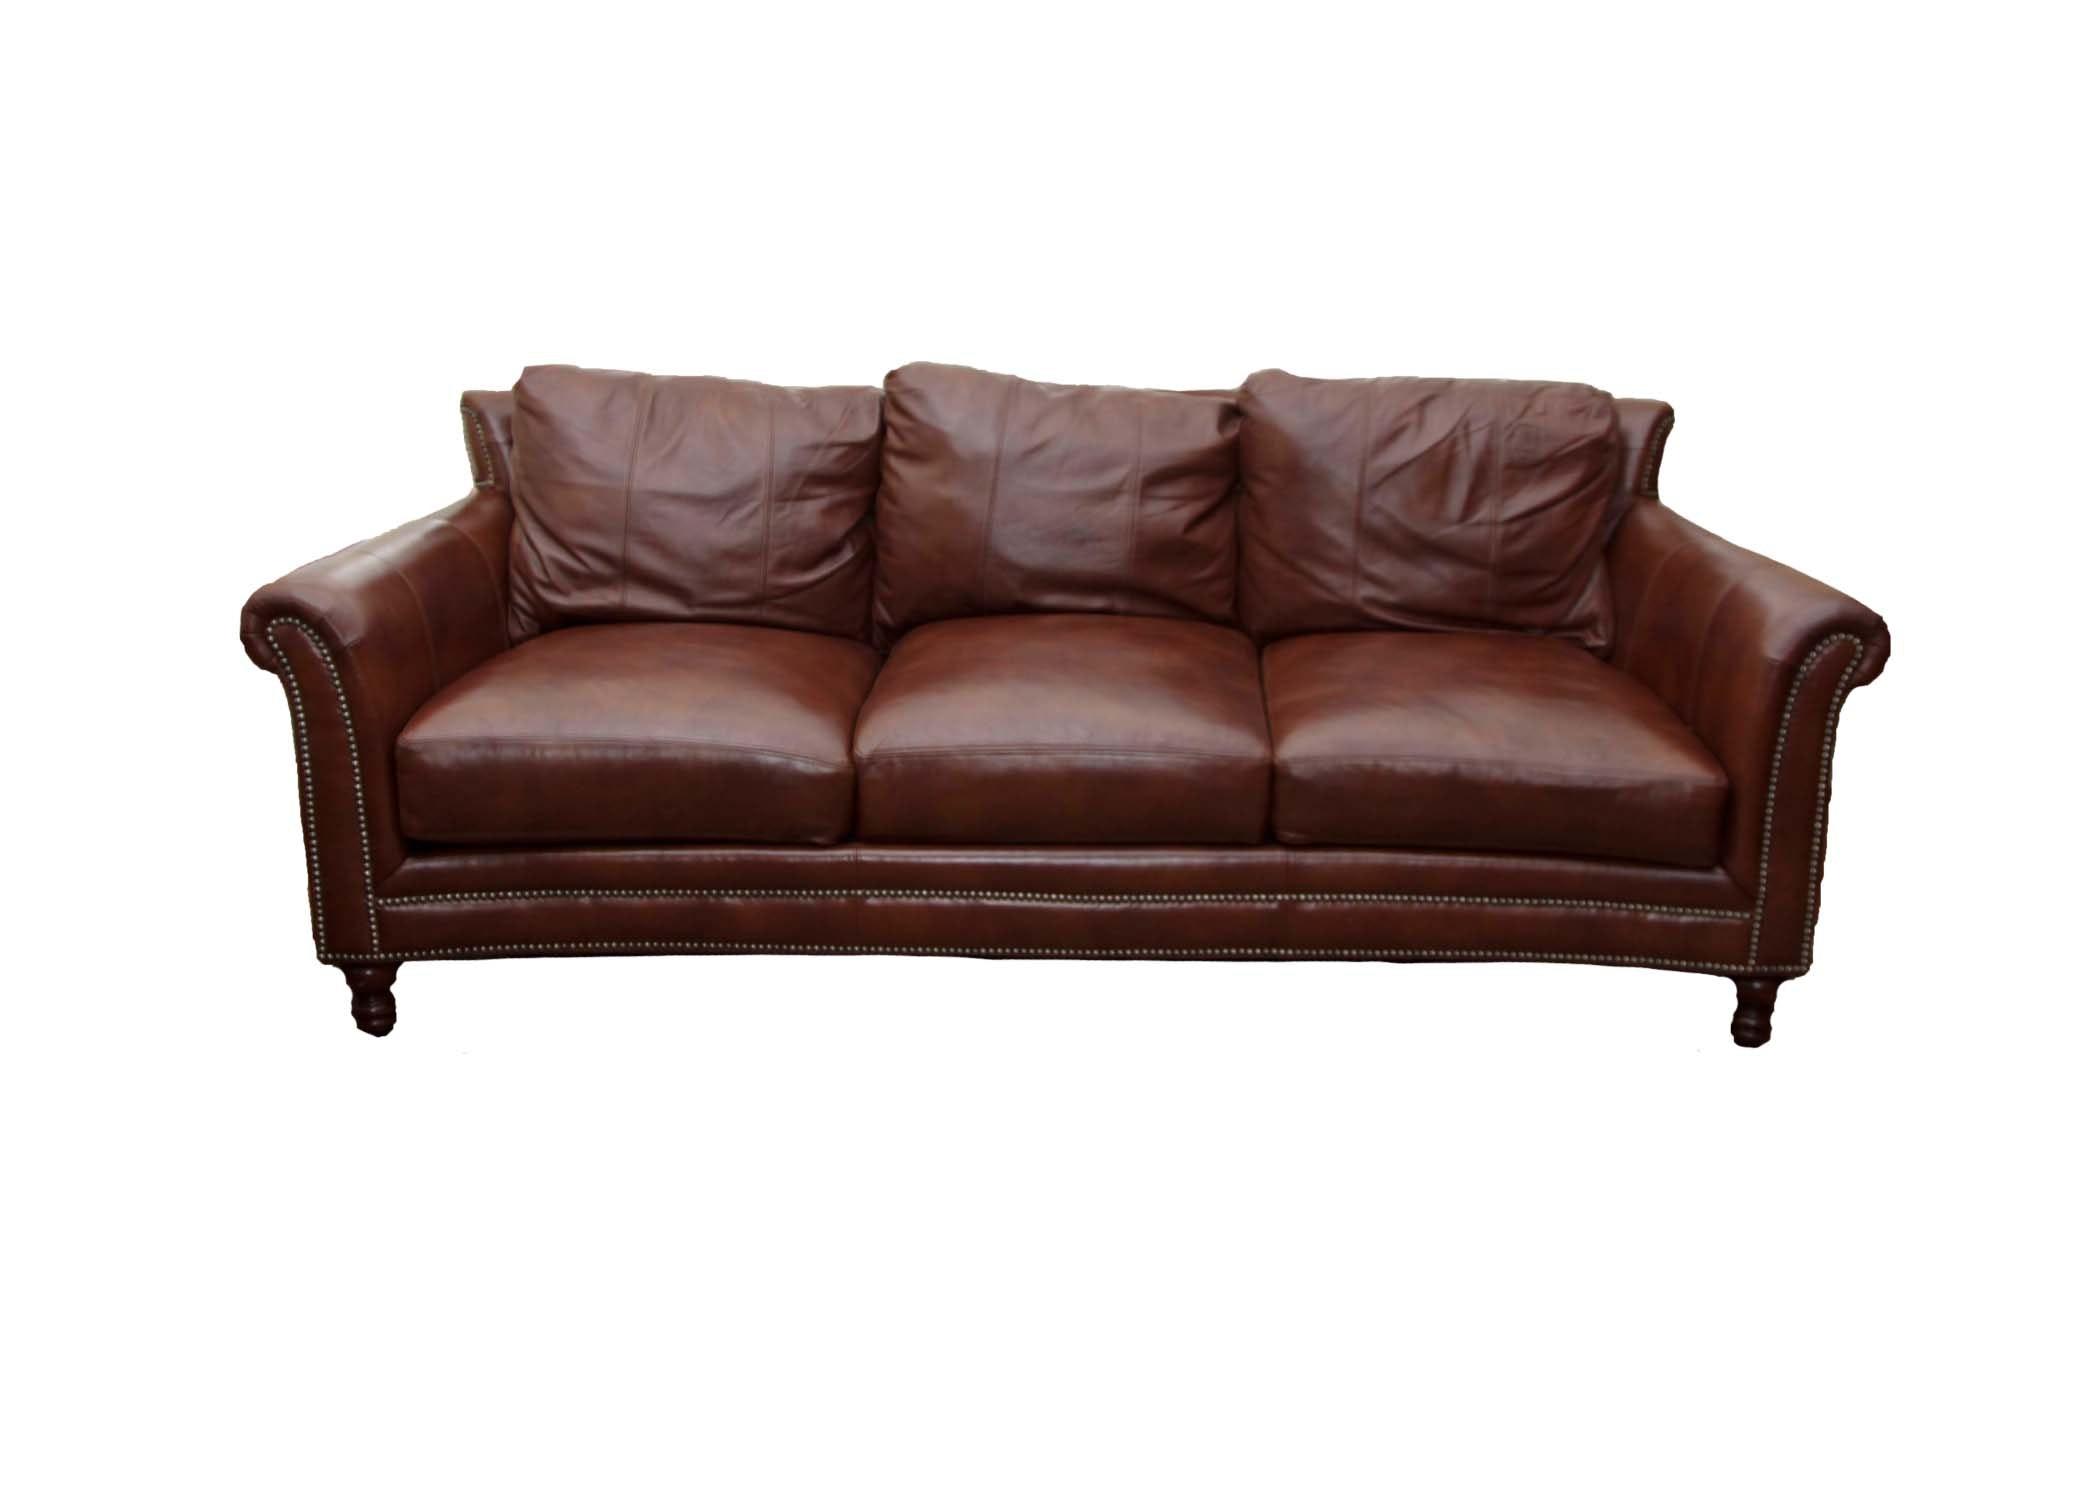 Bradington Young Brown Leather Sofa ...